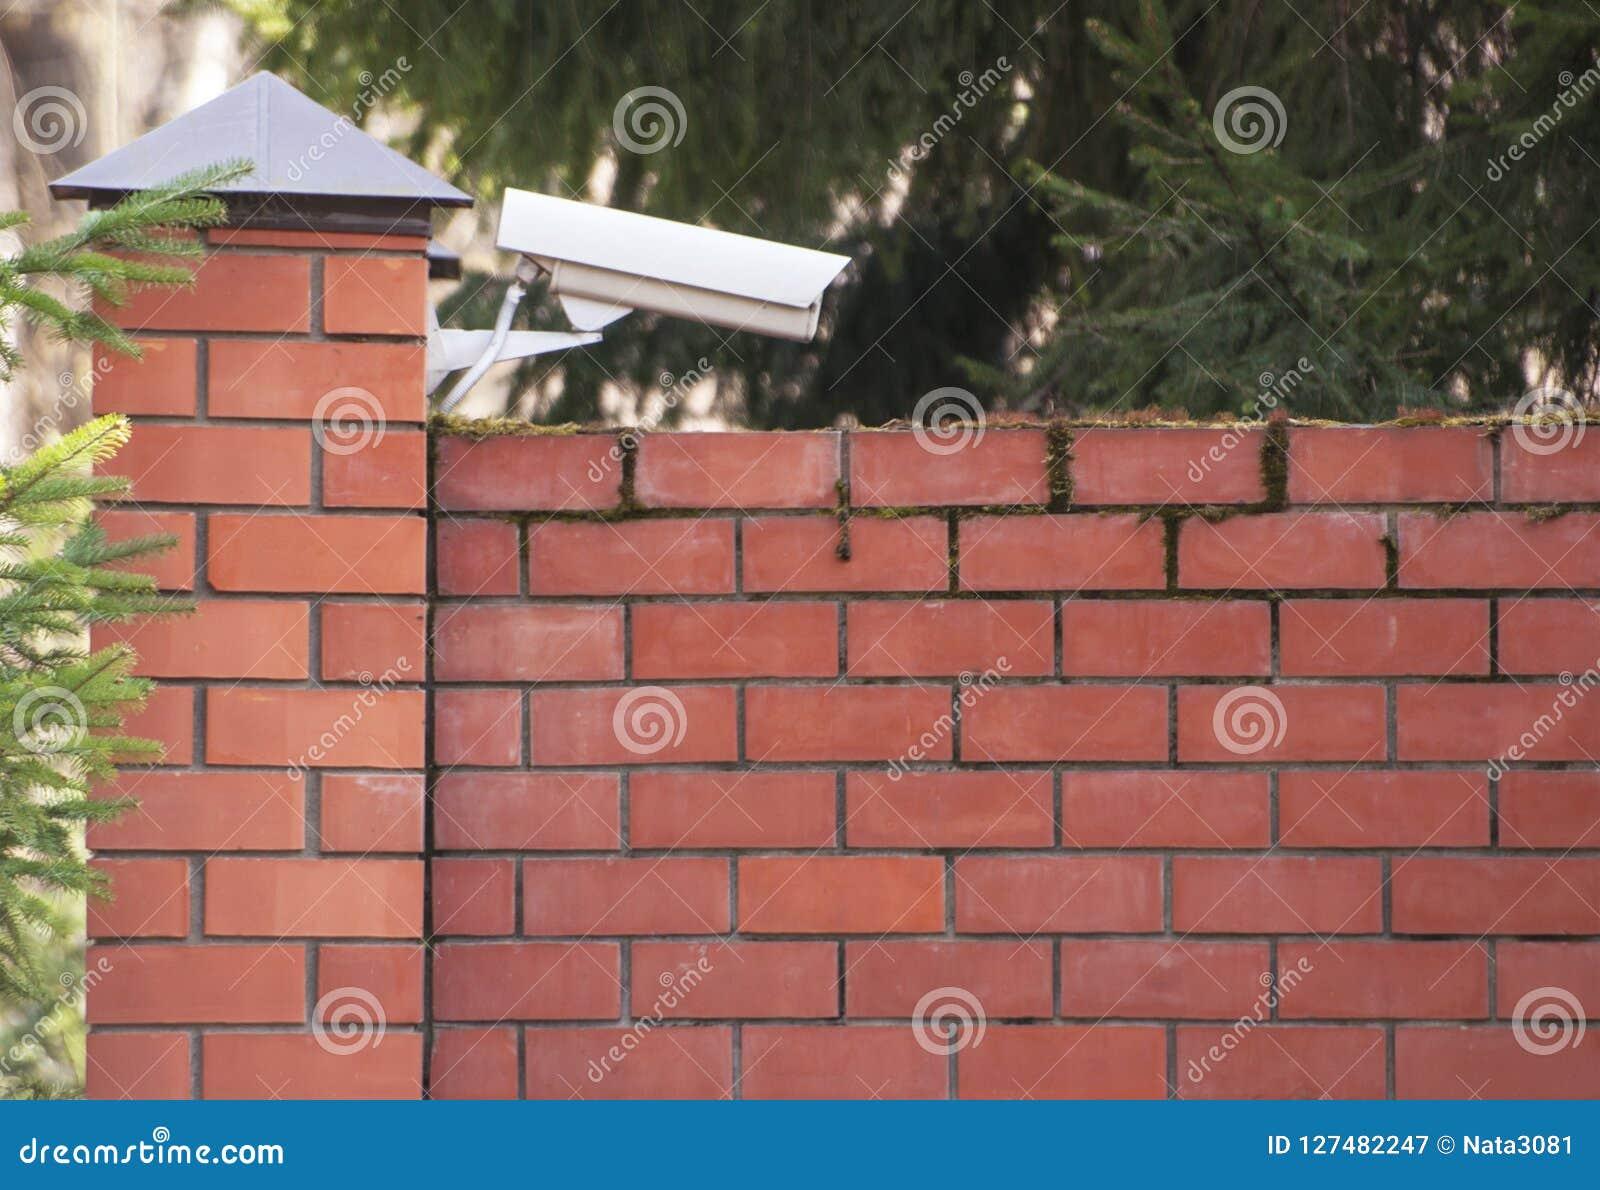 Uma câmara de vigilância externo sobre uma cerca do tijolo da propriedade privada Segurança de sistemas da segurança, fiscalizaçã